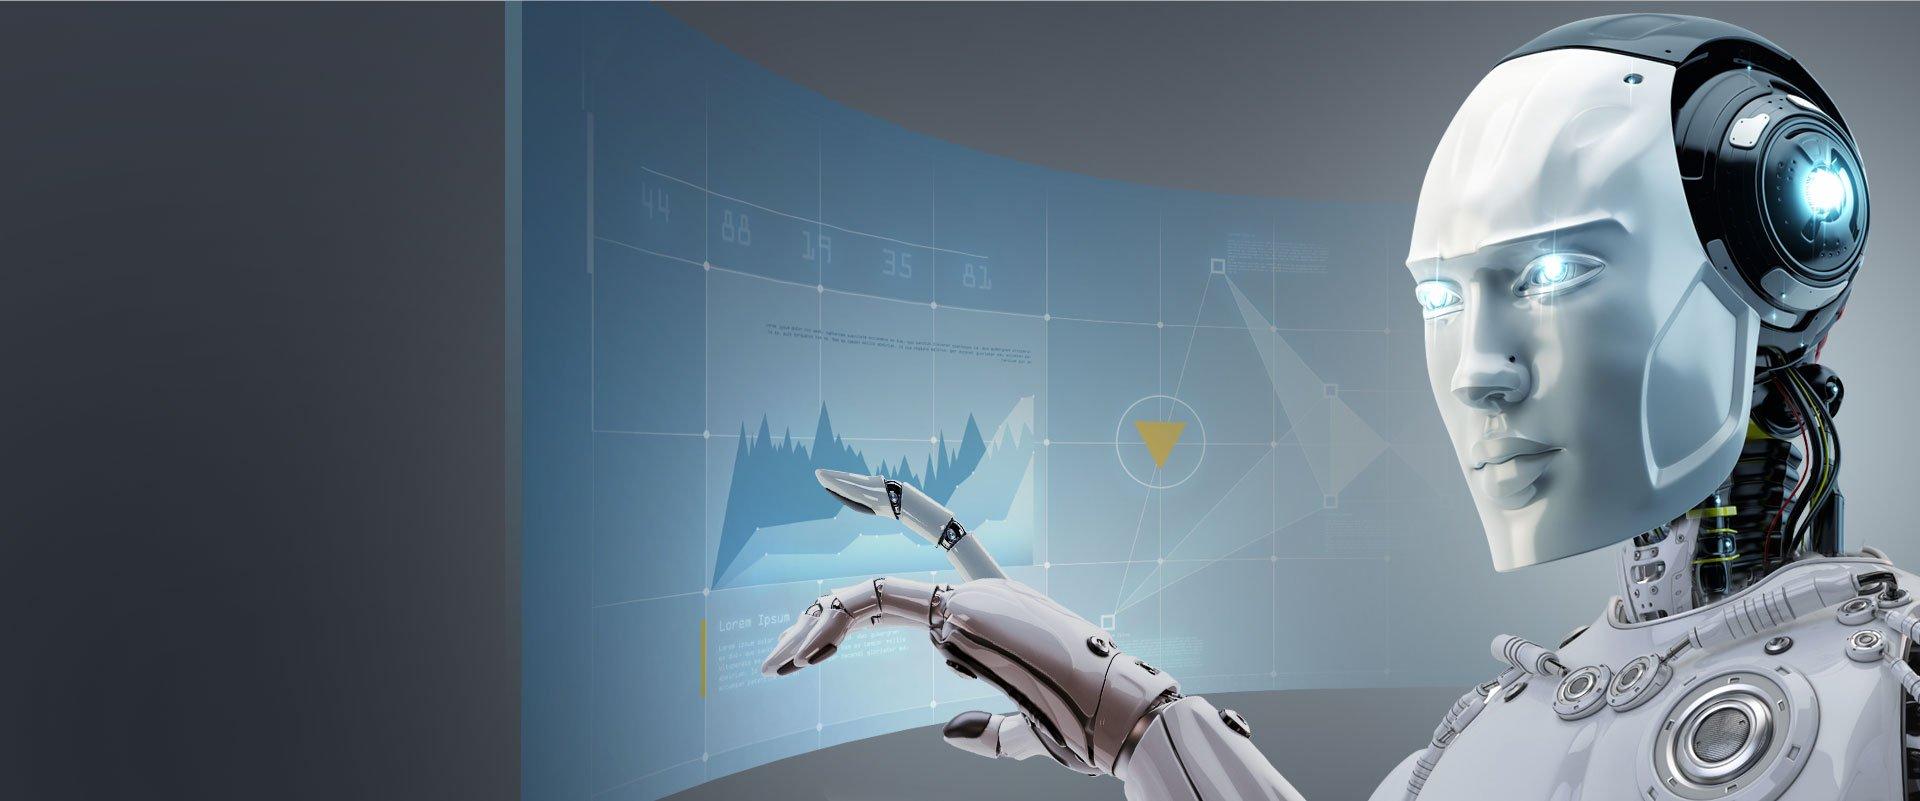 Торговые роботы картинках